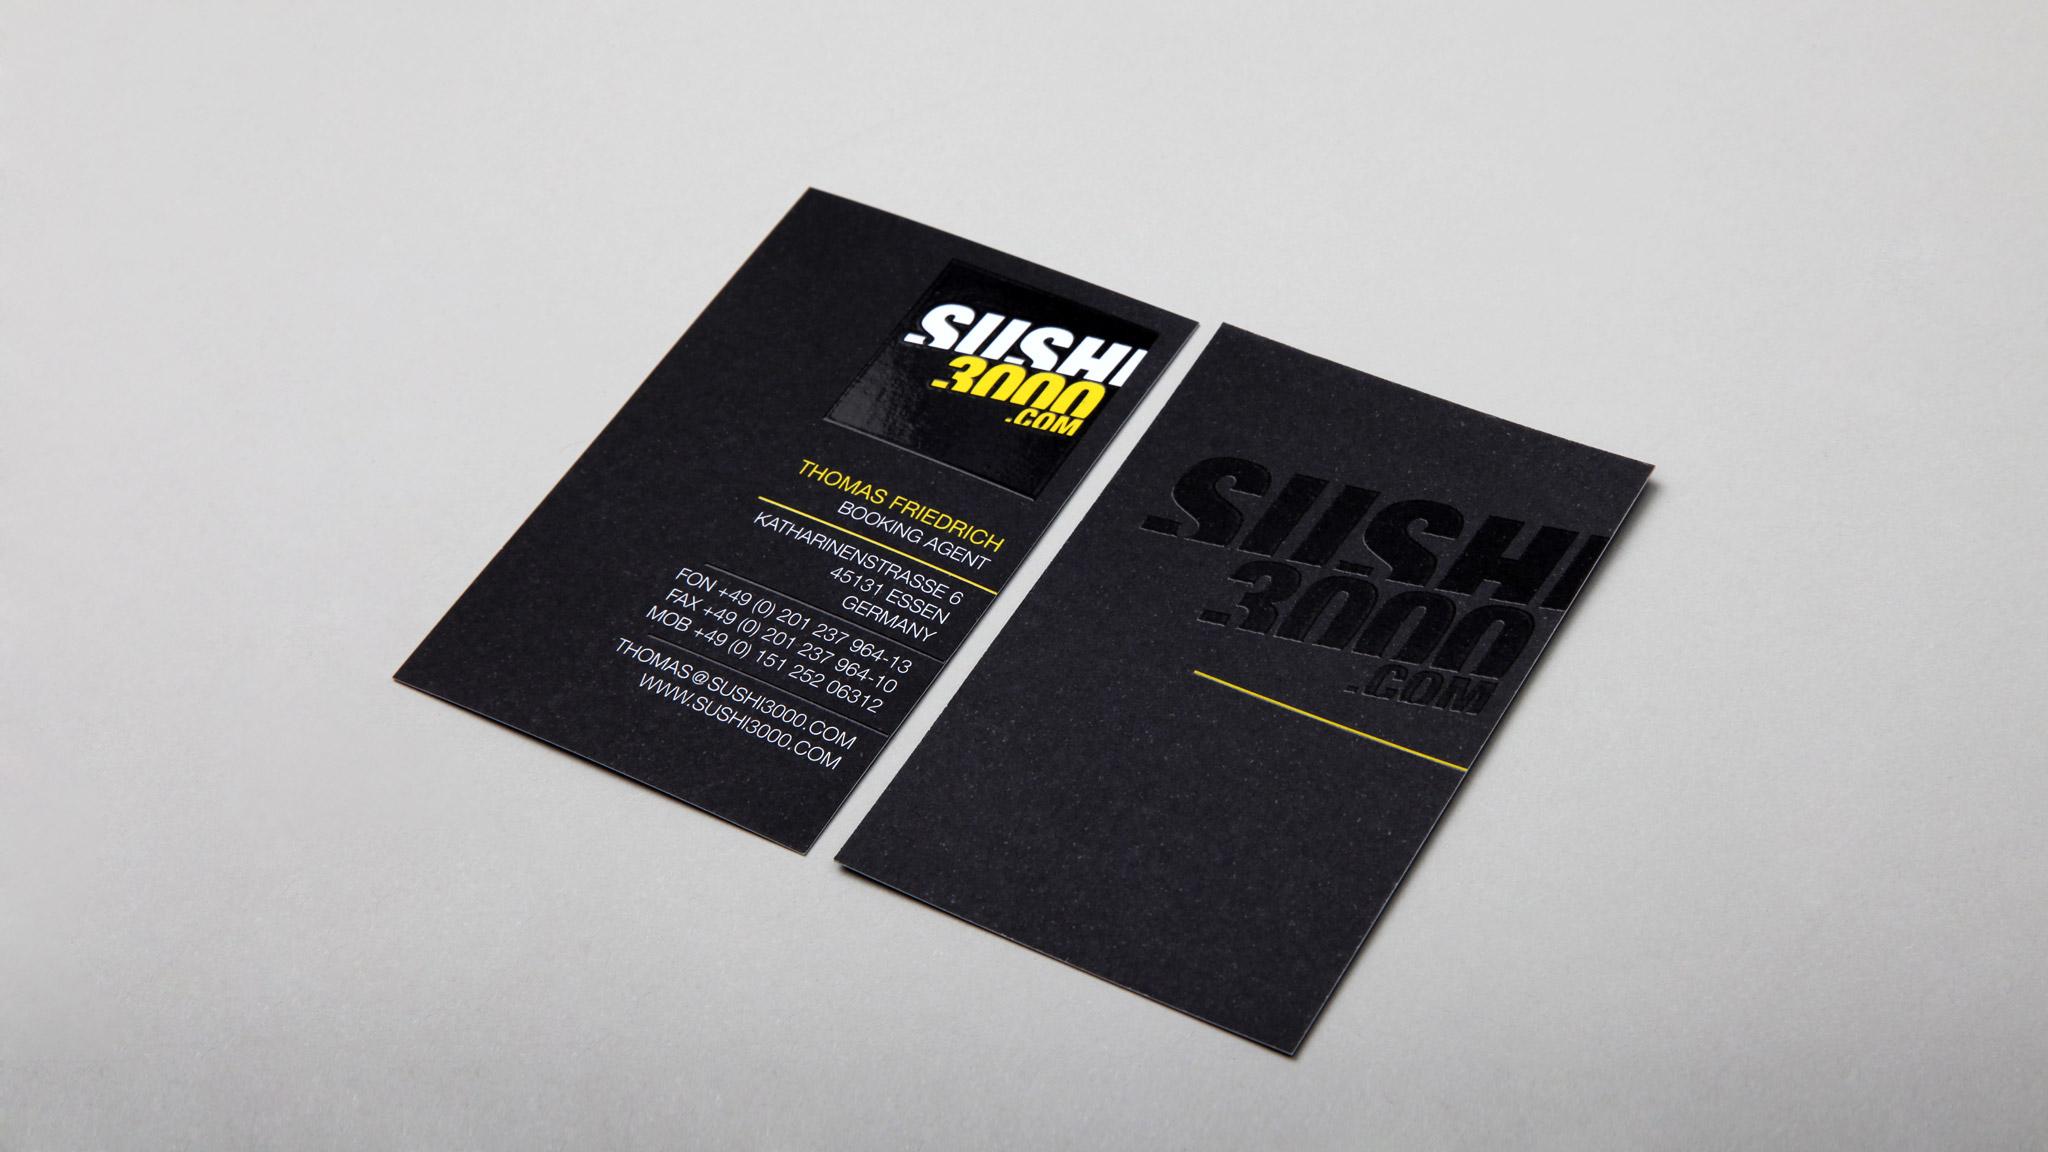 nwyto-sushi3000_2